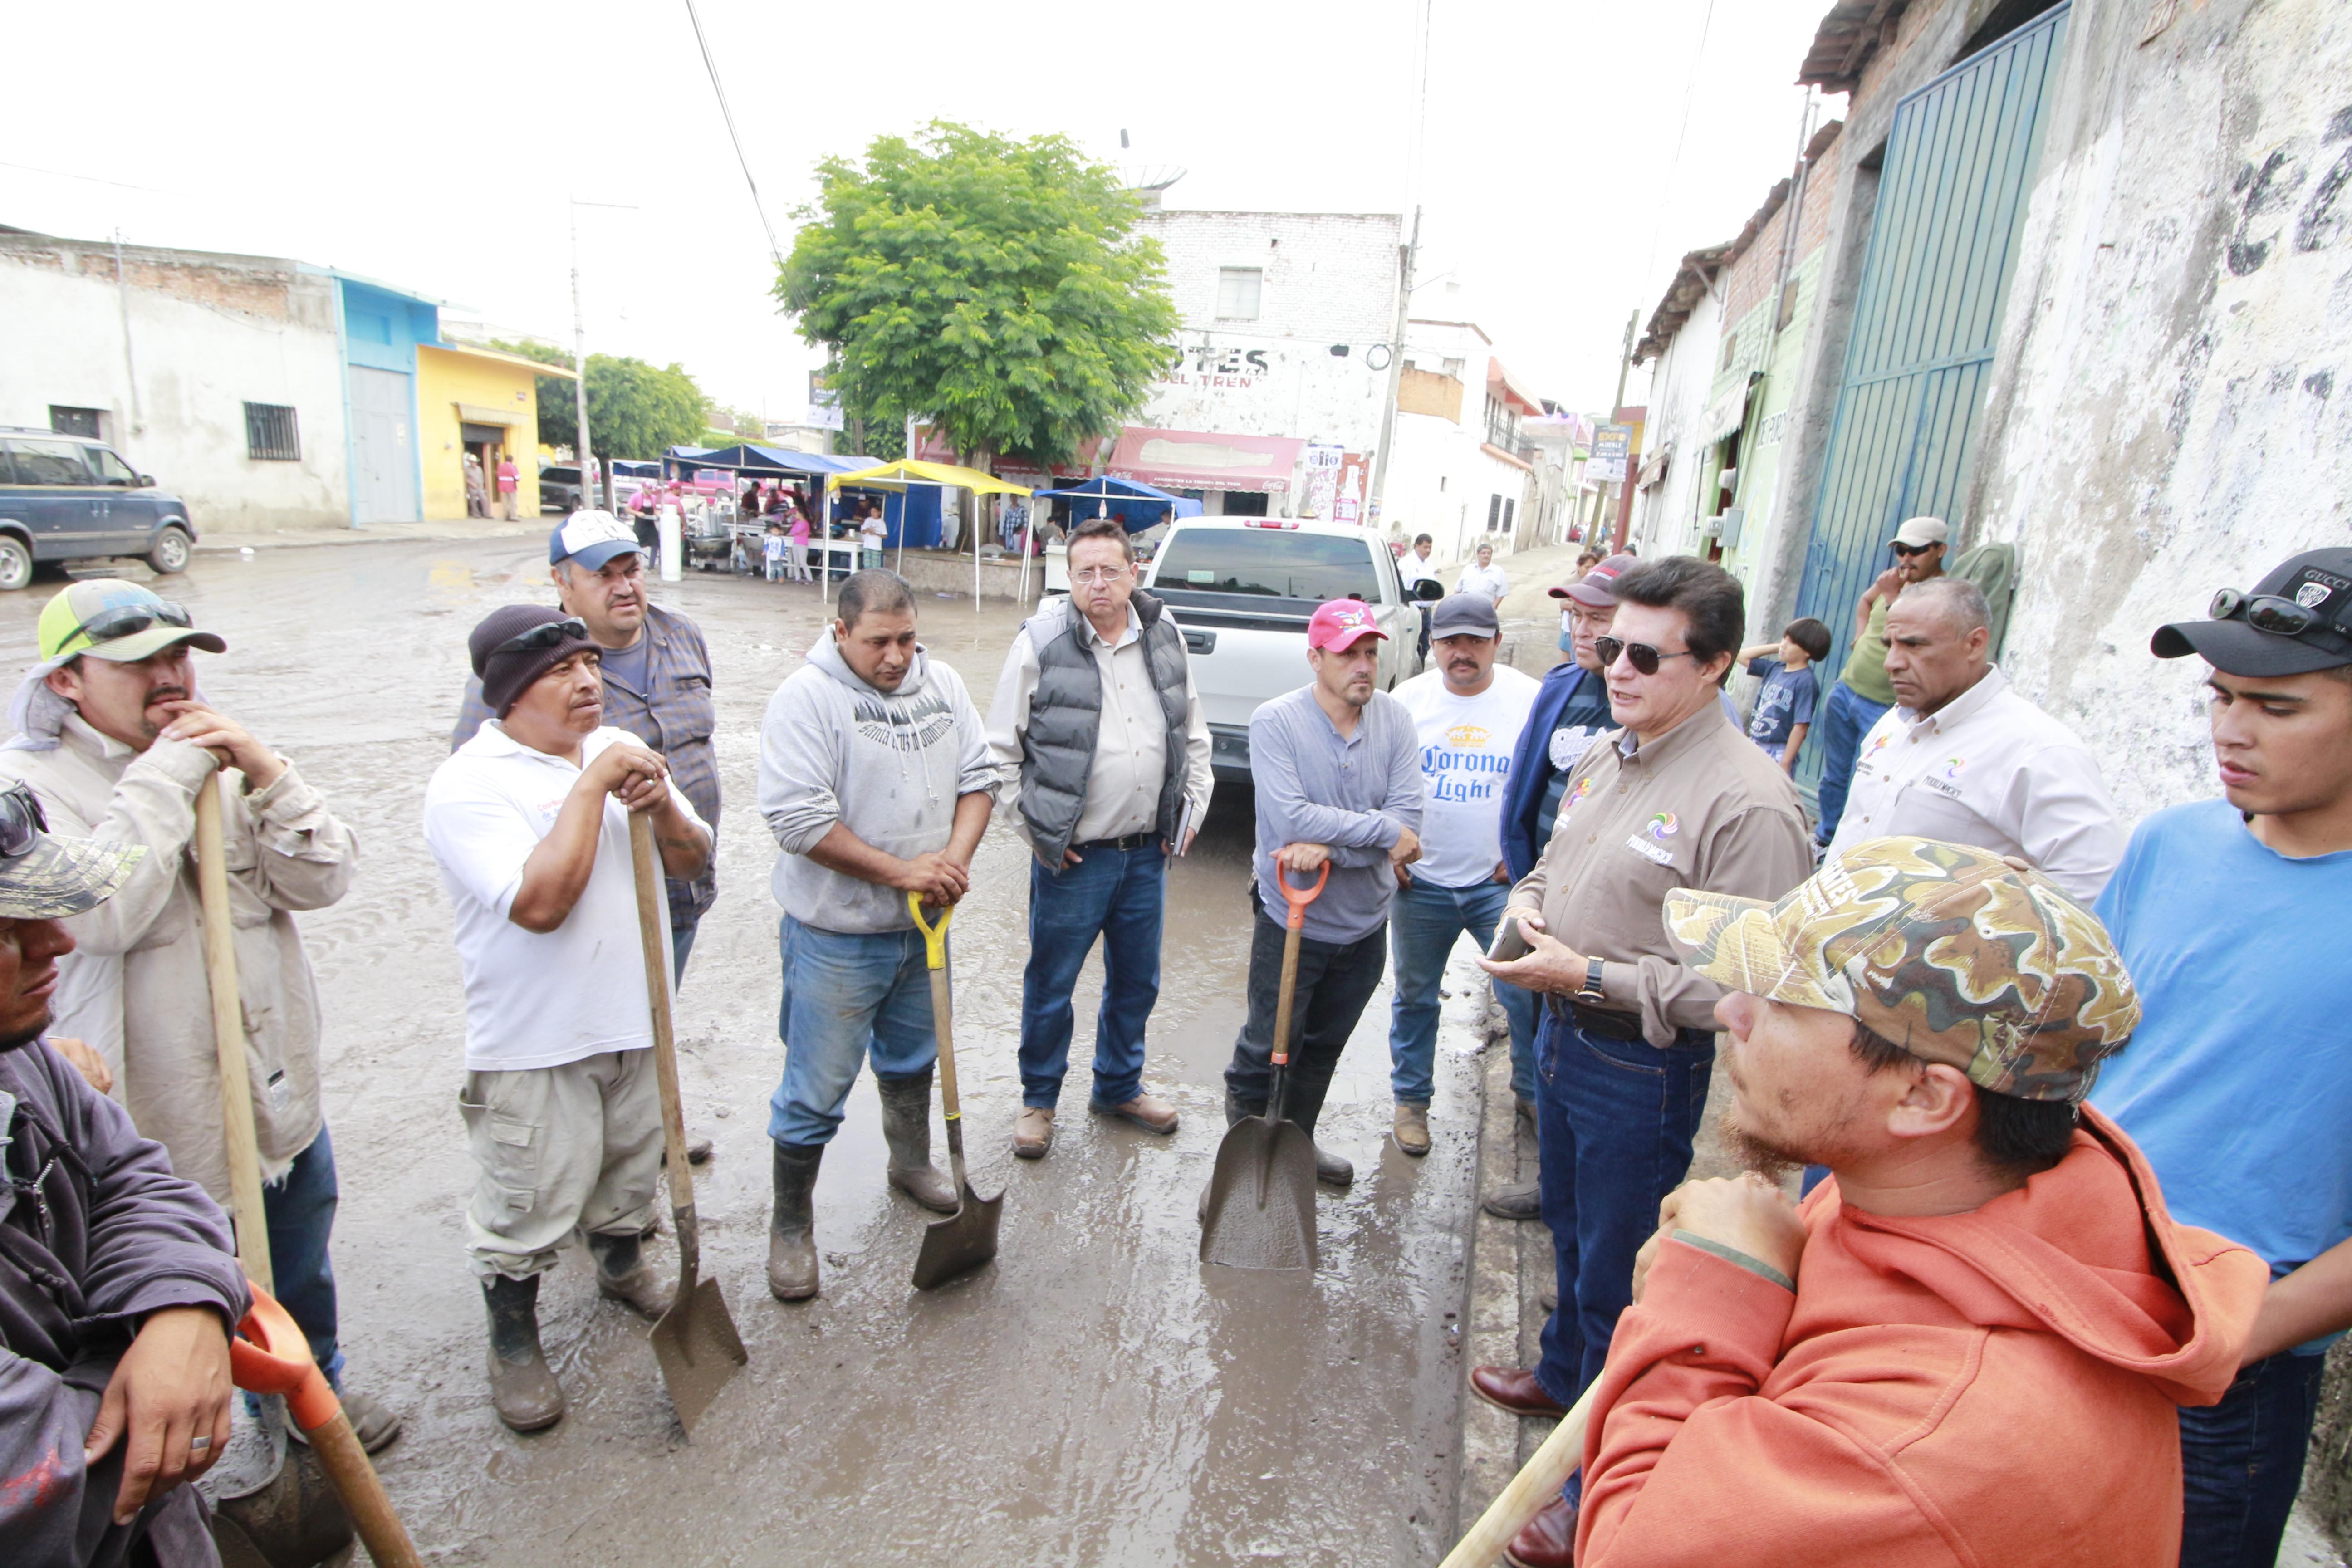 protección civil comenzaron a trabajar en detección de daños y zonas de riesgo.